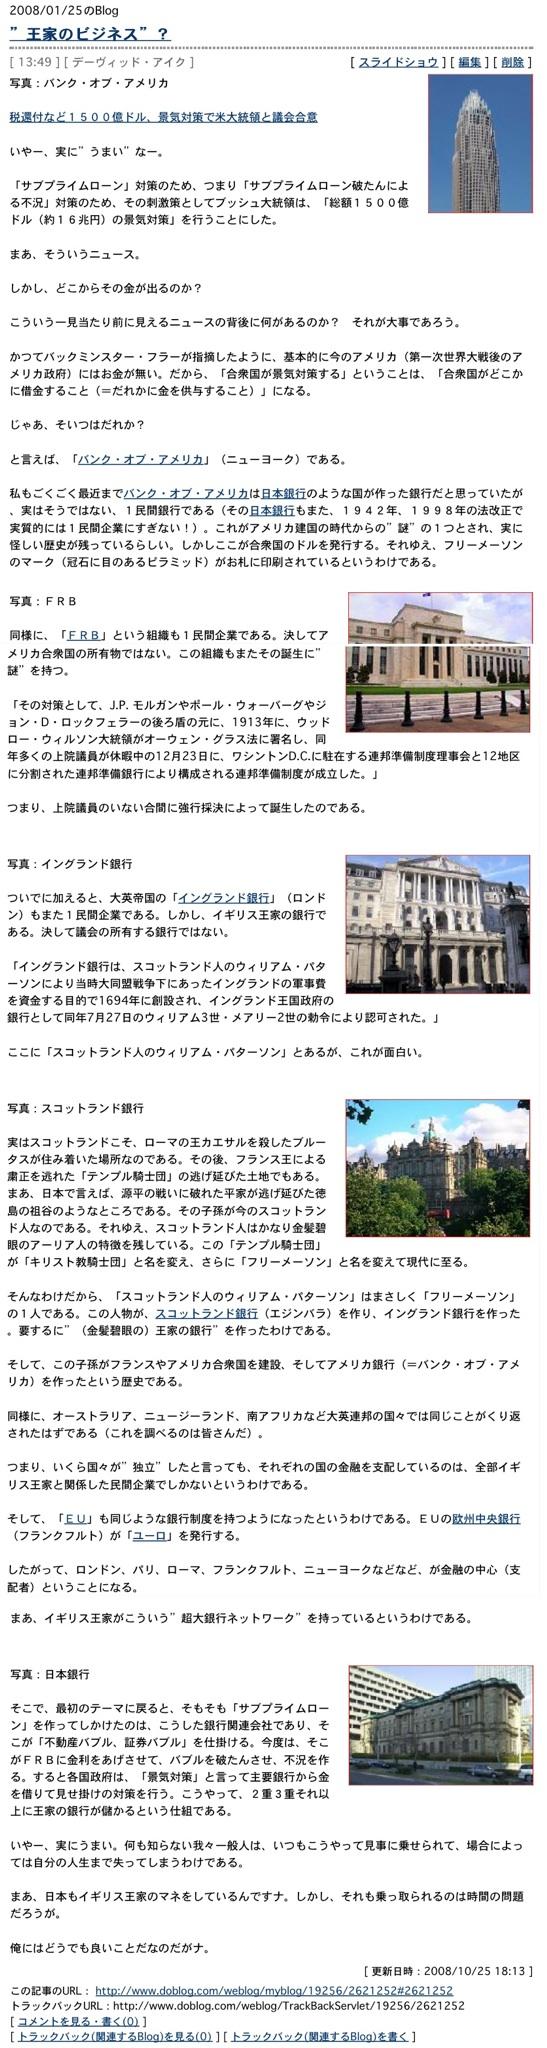 """昔のブログから:「""""王家のビジネス""""?」_e0171614_1695316.jpg"""